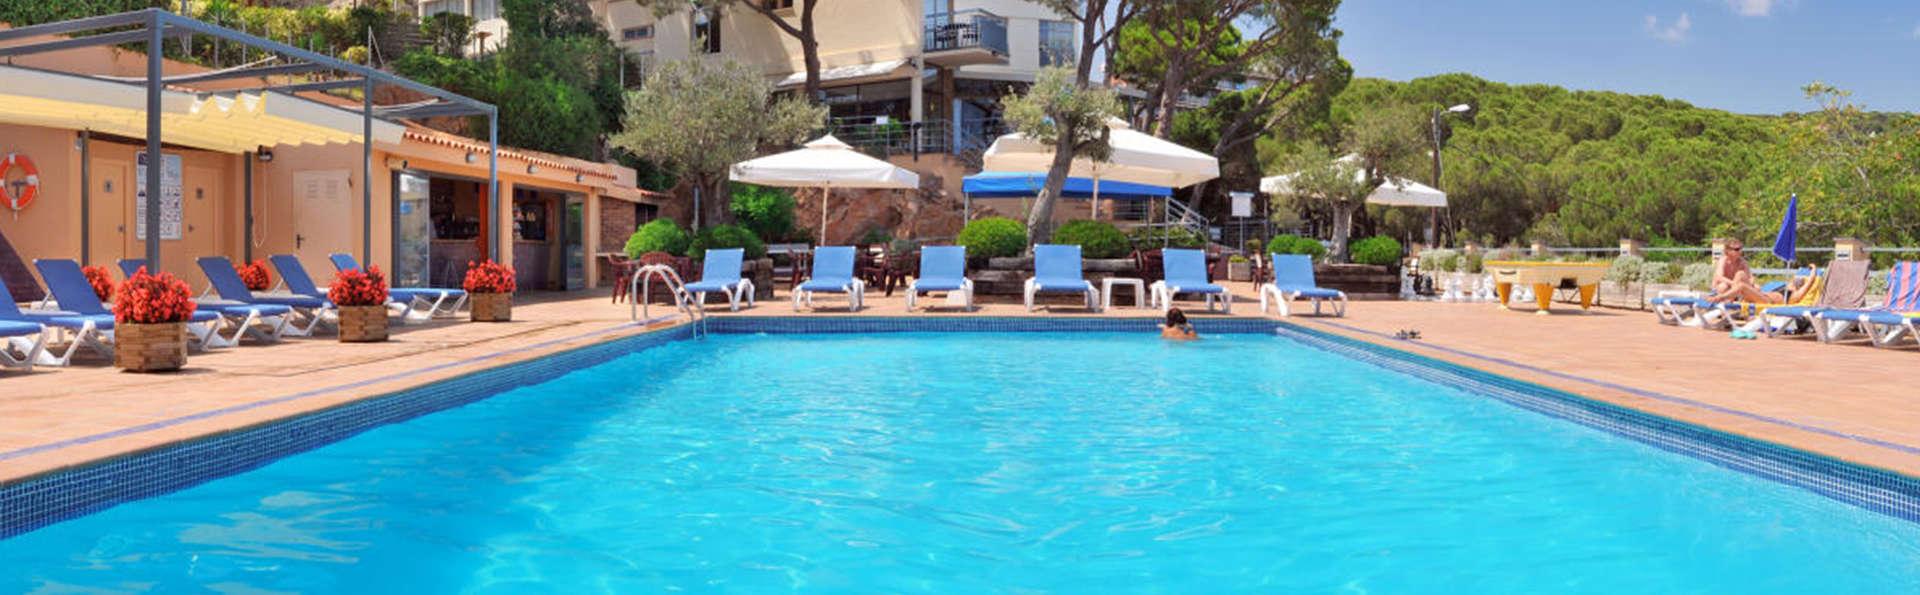 Séjour en demi-pension à S'Agaró